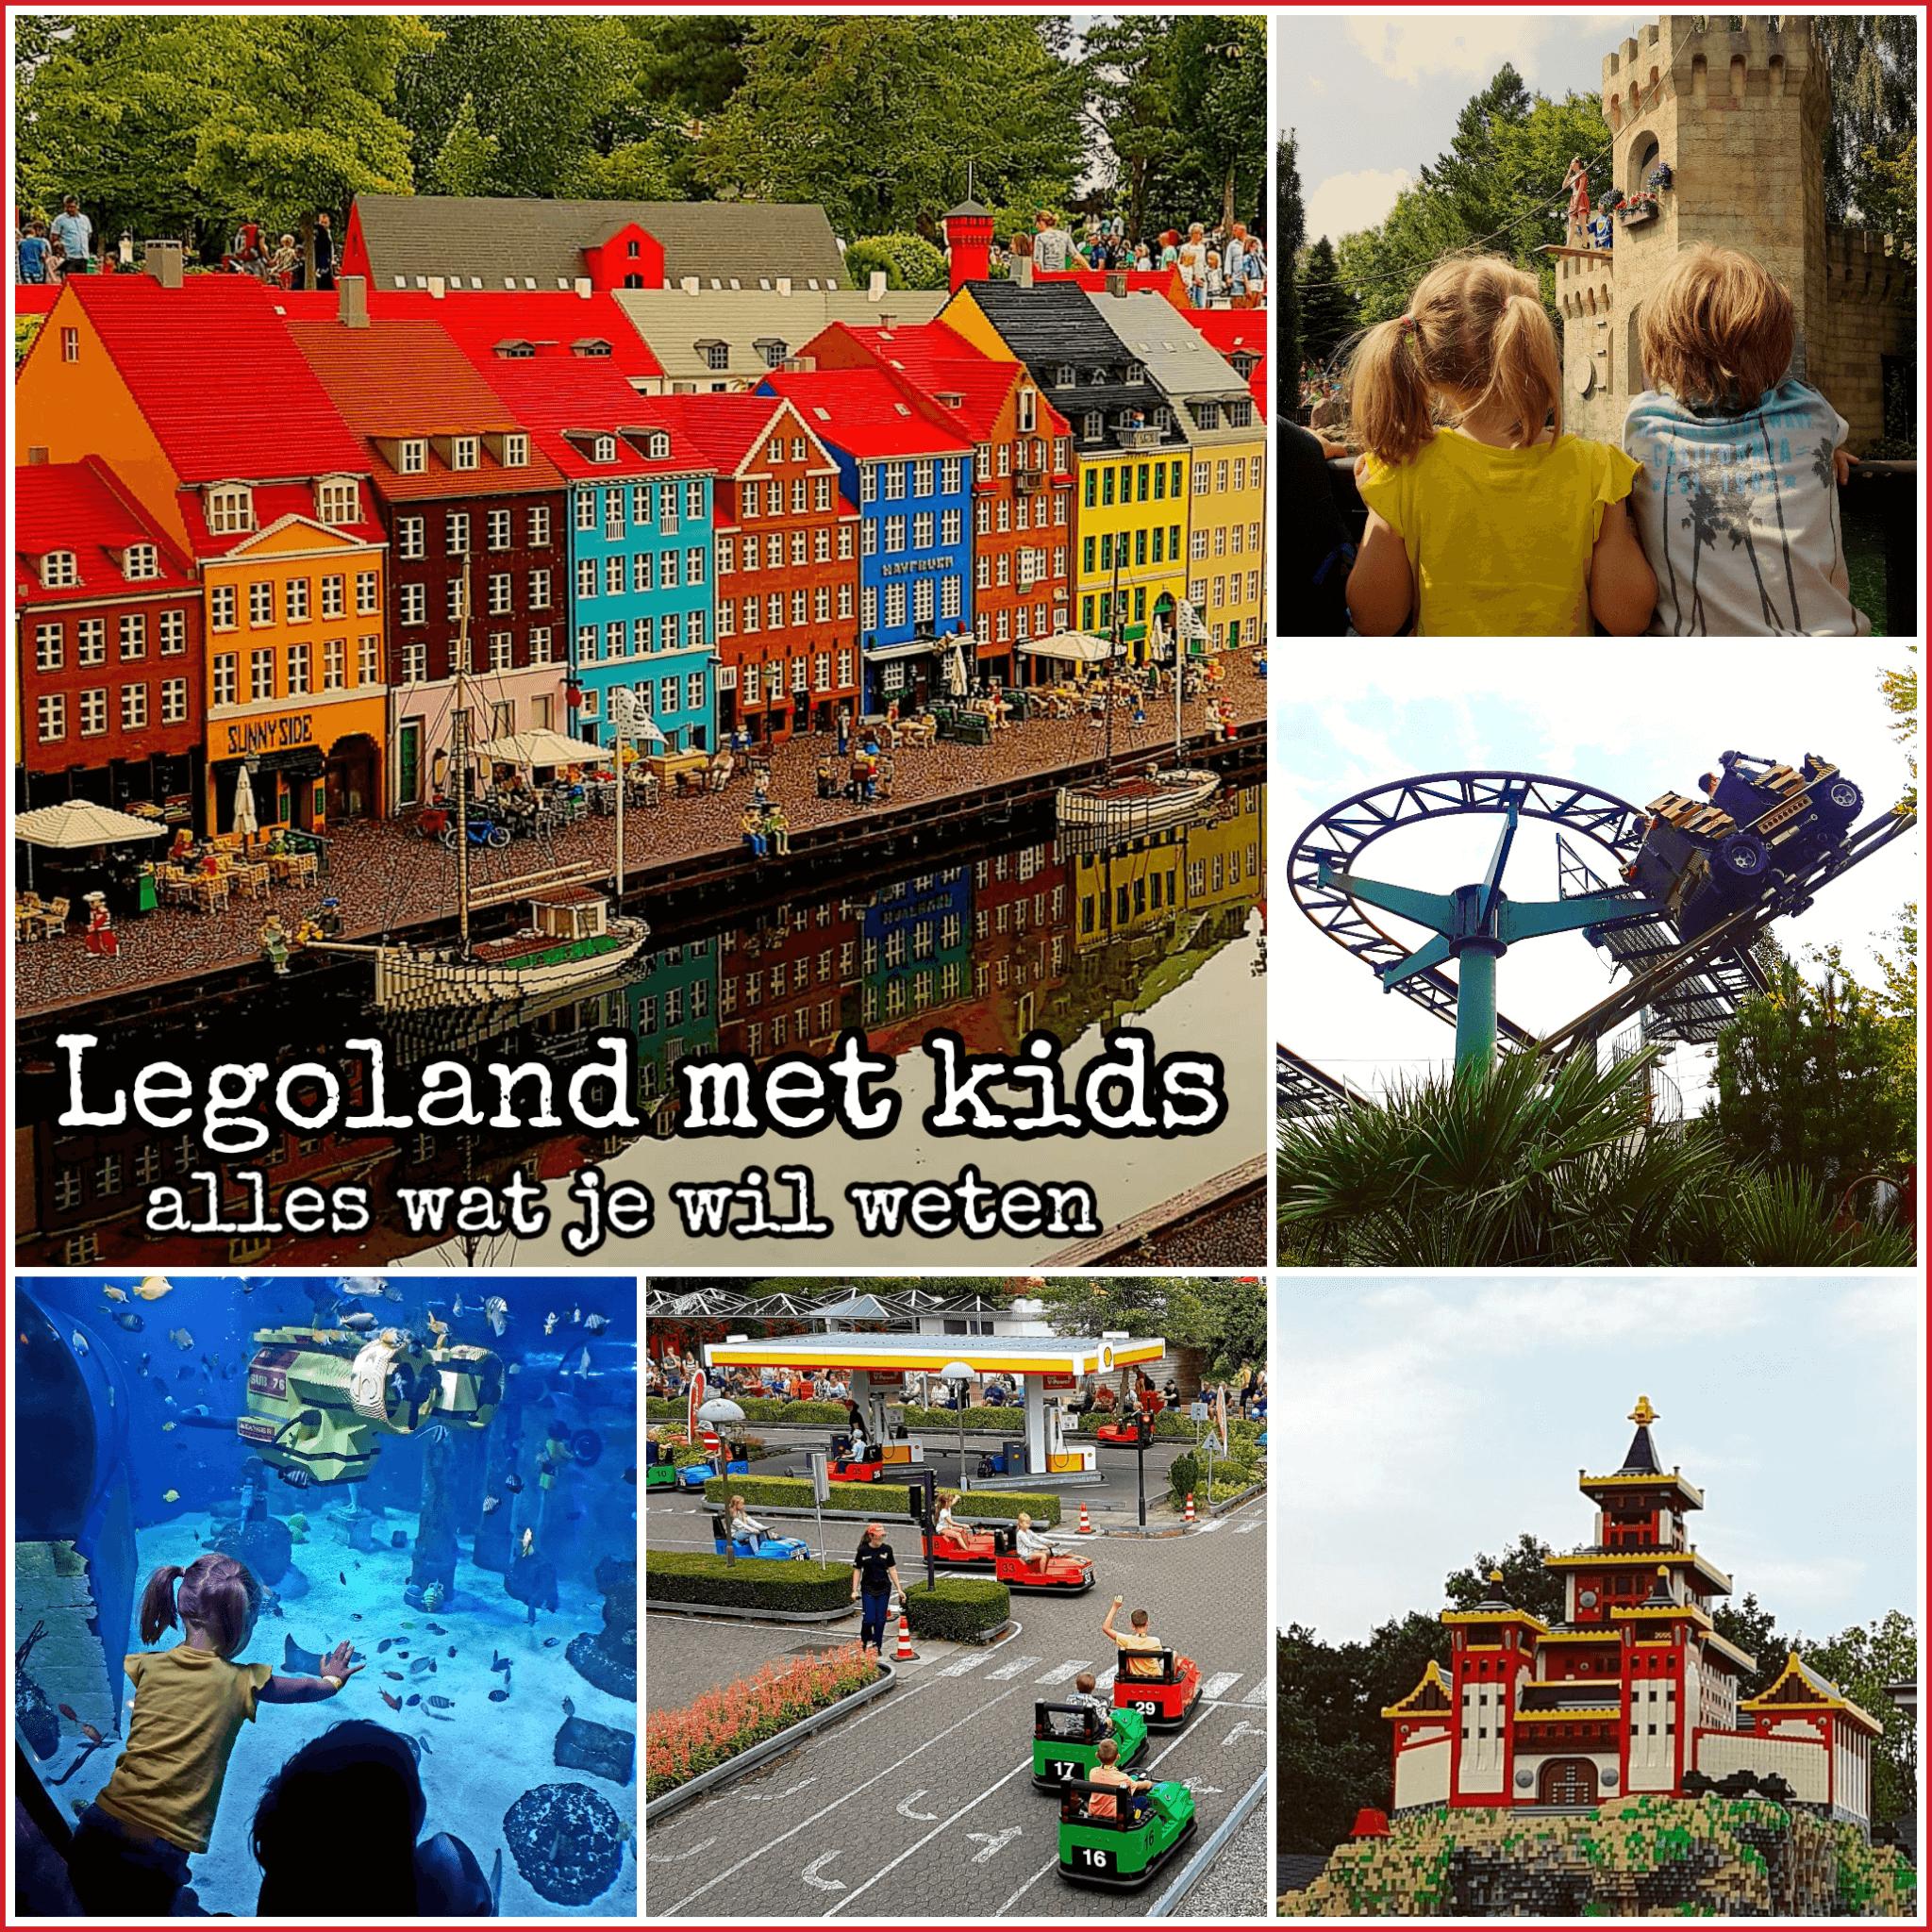 Legoland met kids - alles wat je wil weten #leukmetkids #denemarken